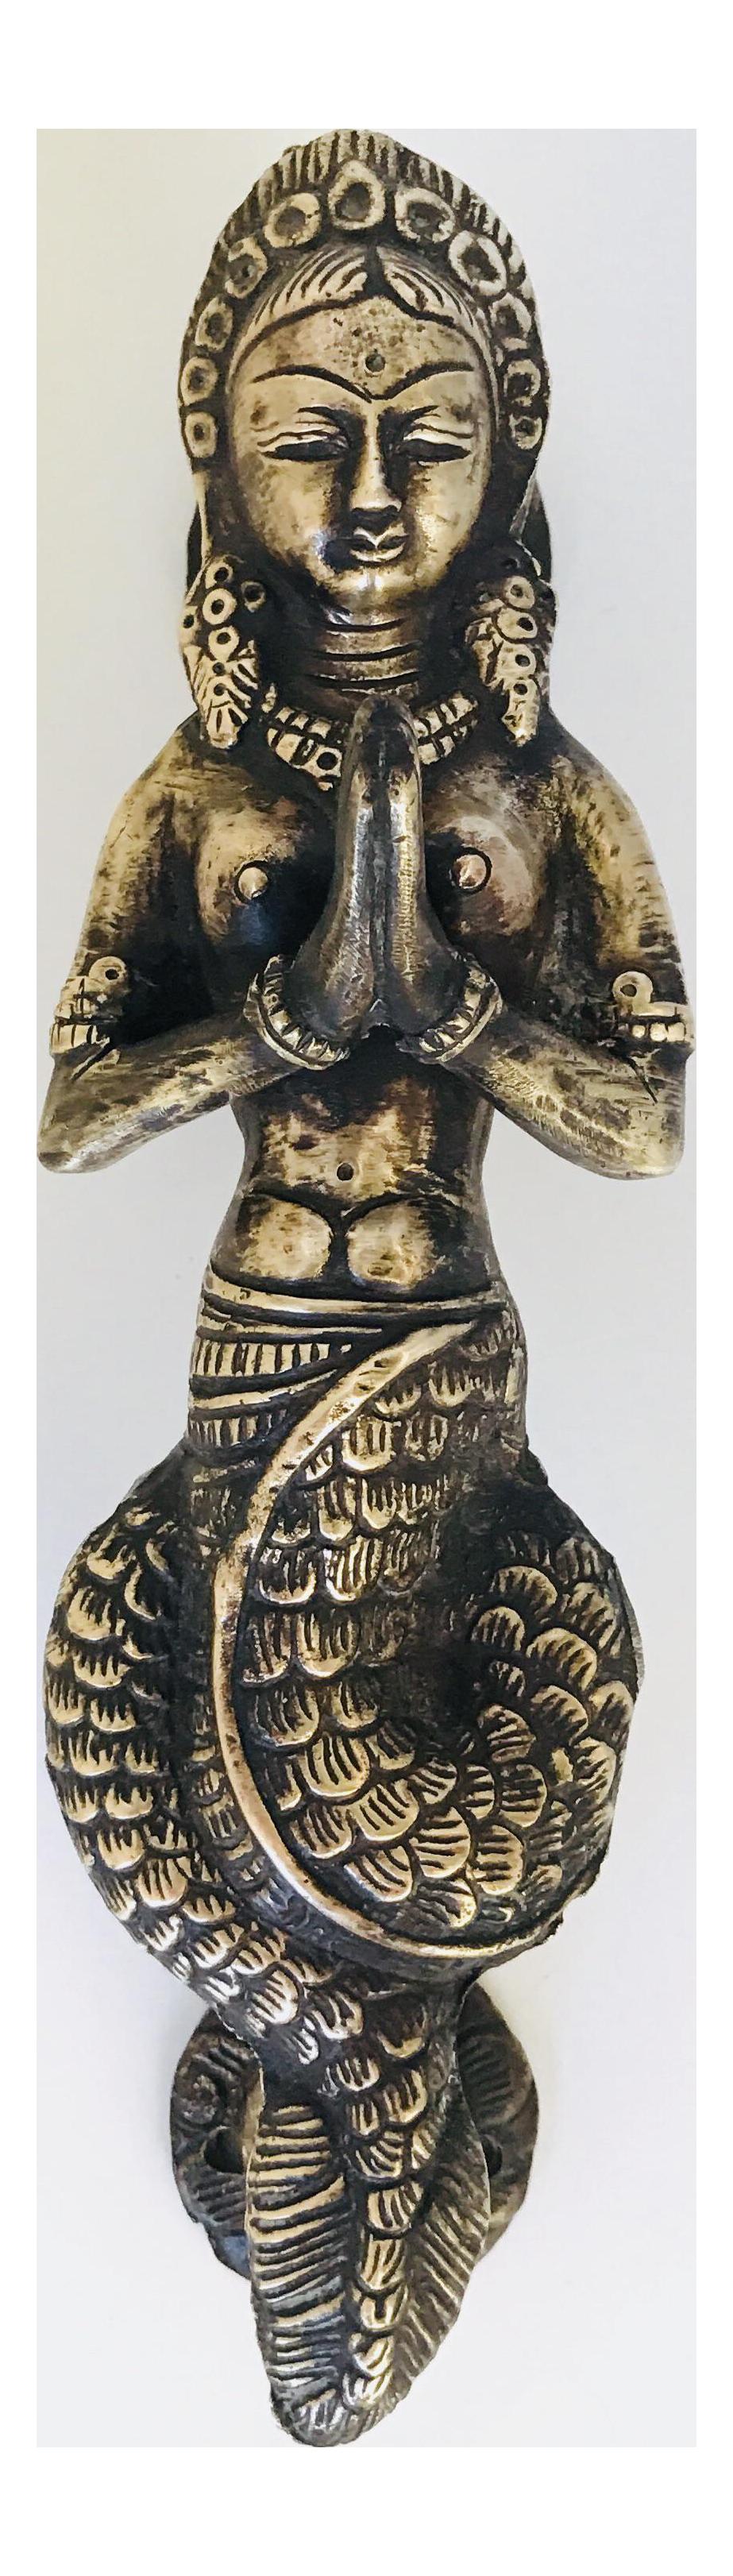 Antique Indian Mermaid Door Handle